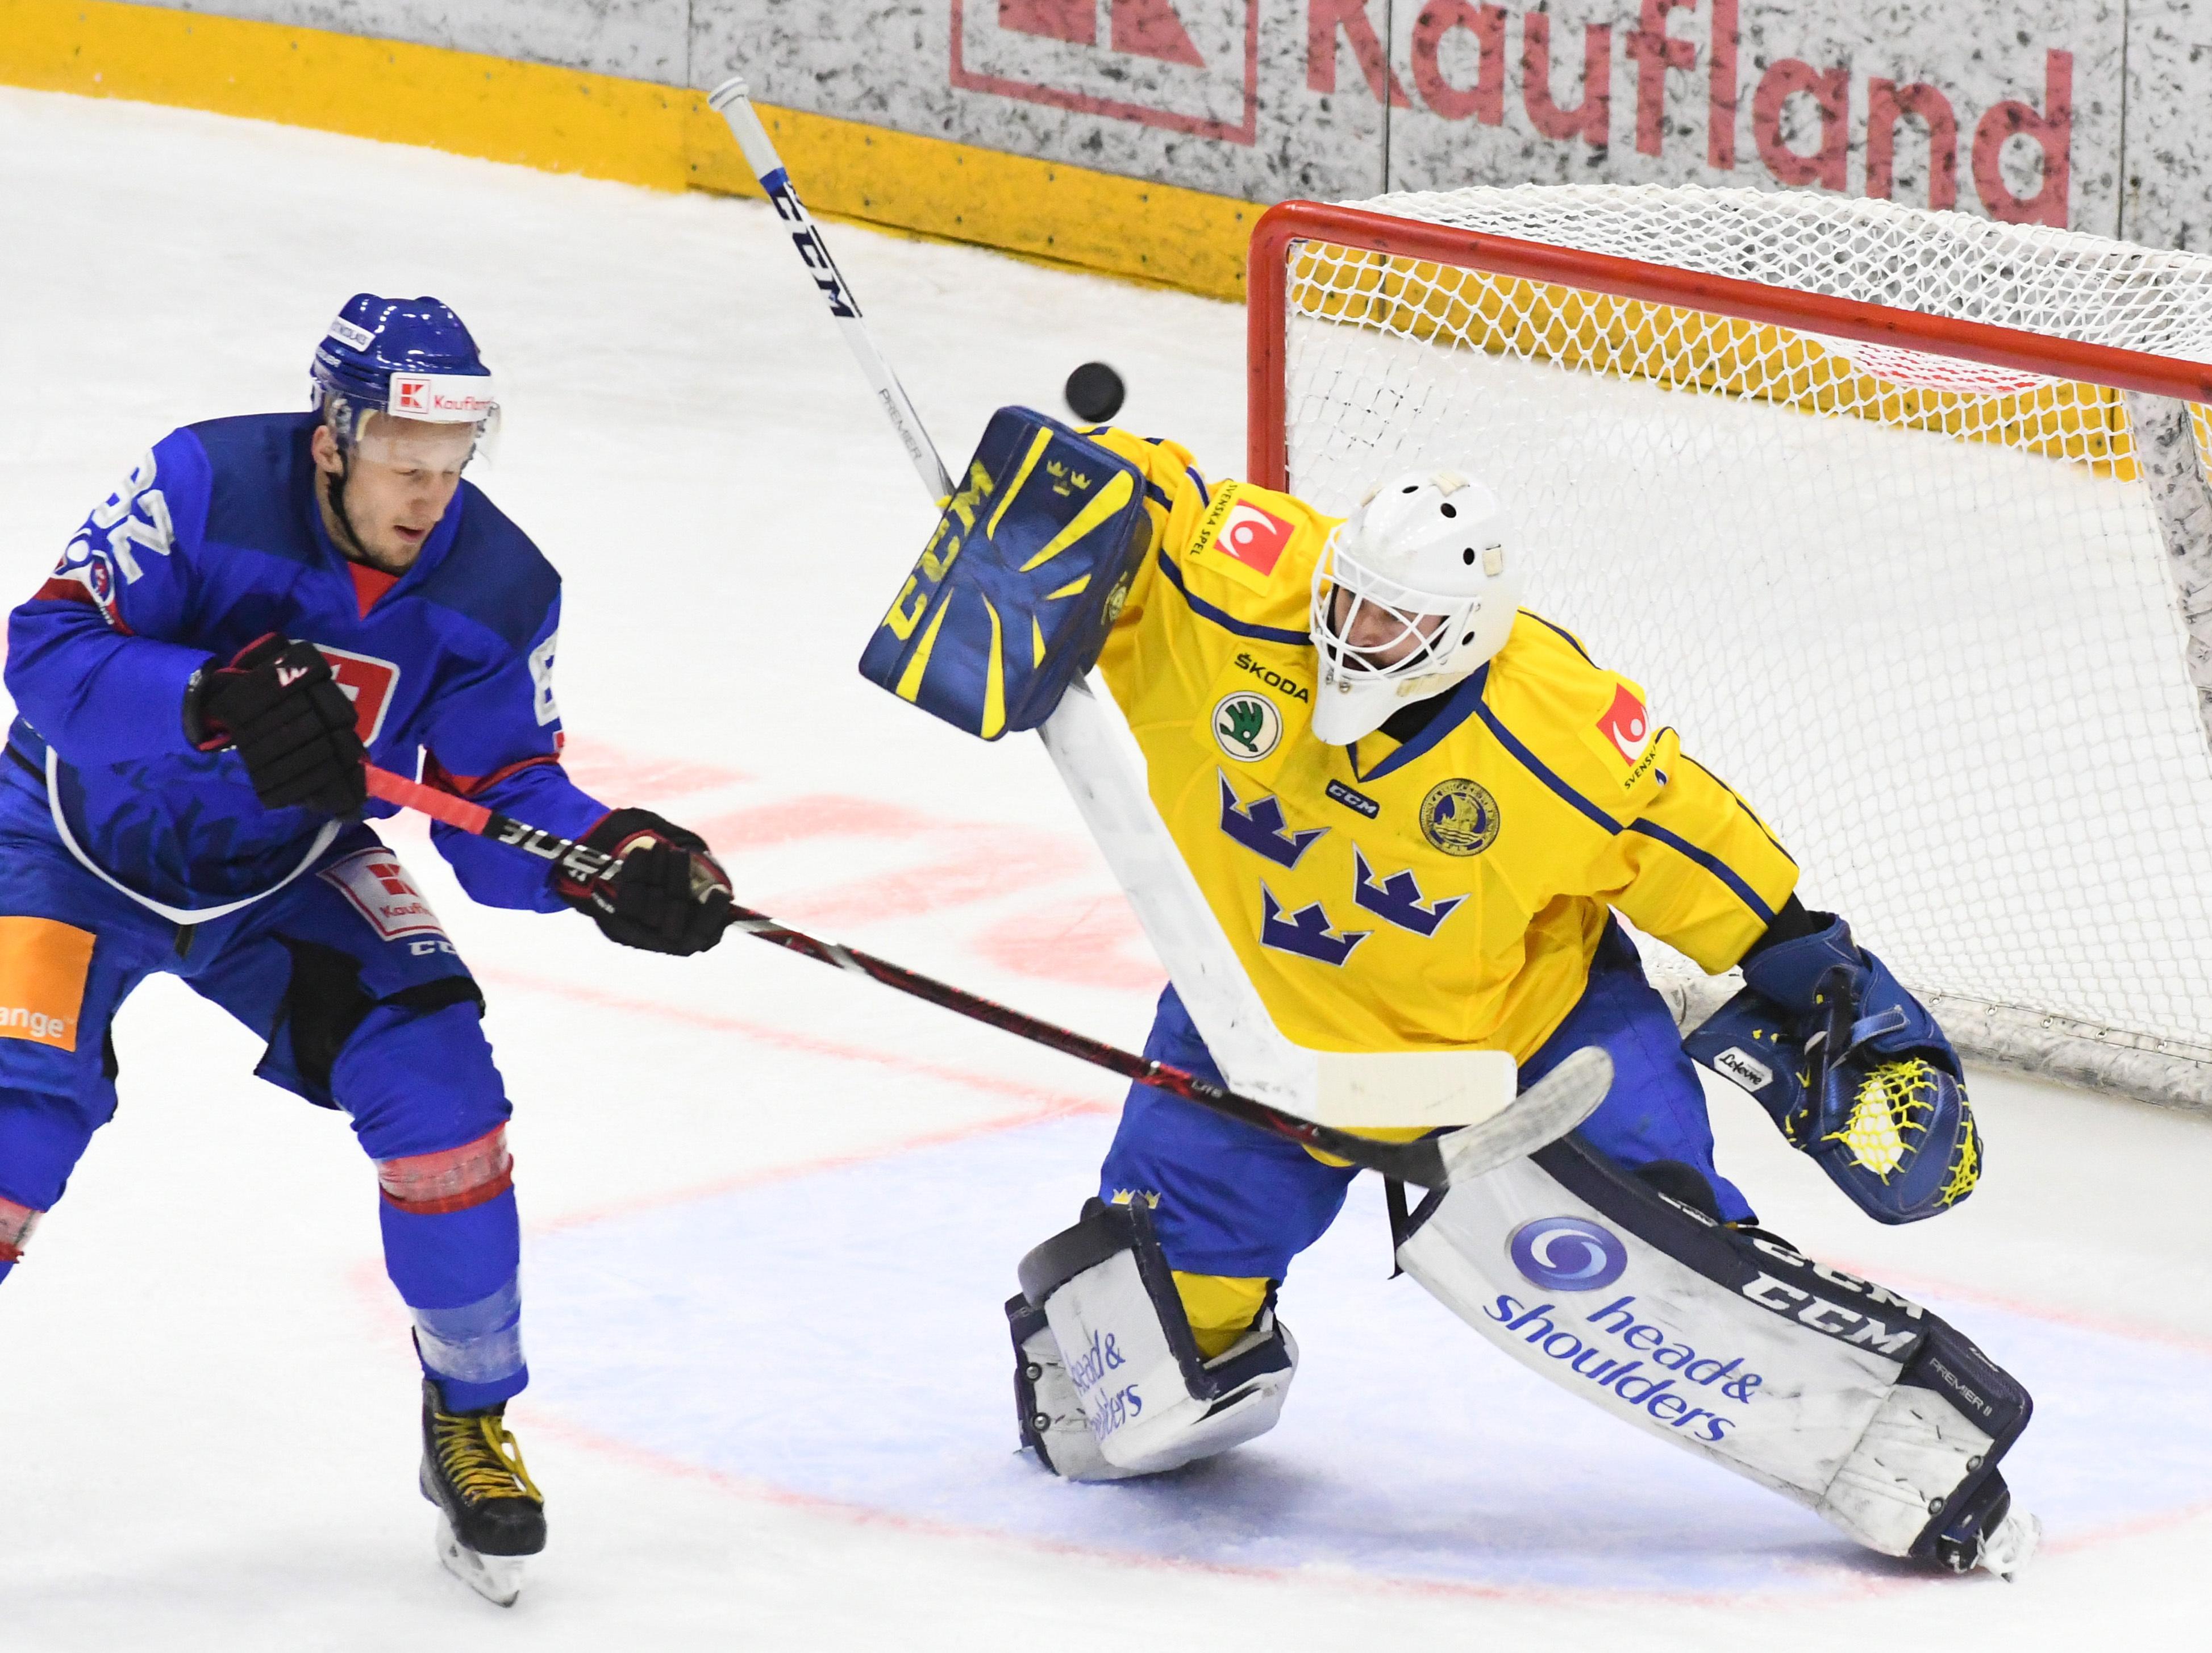 5c4a3919a1857 Švédsko zdolalo Slovensko v príprave MS v hokeji 2019 - Šport SME